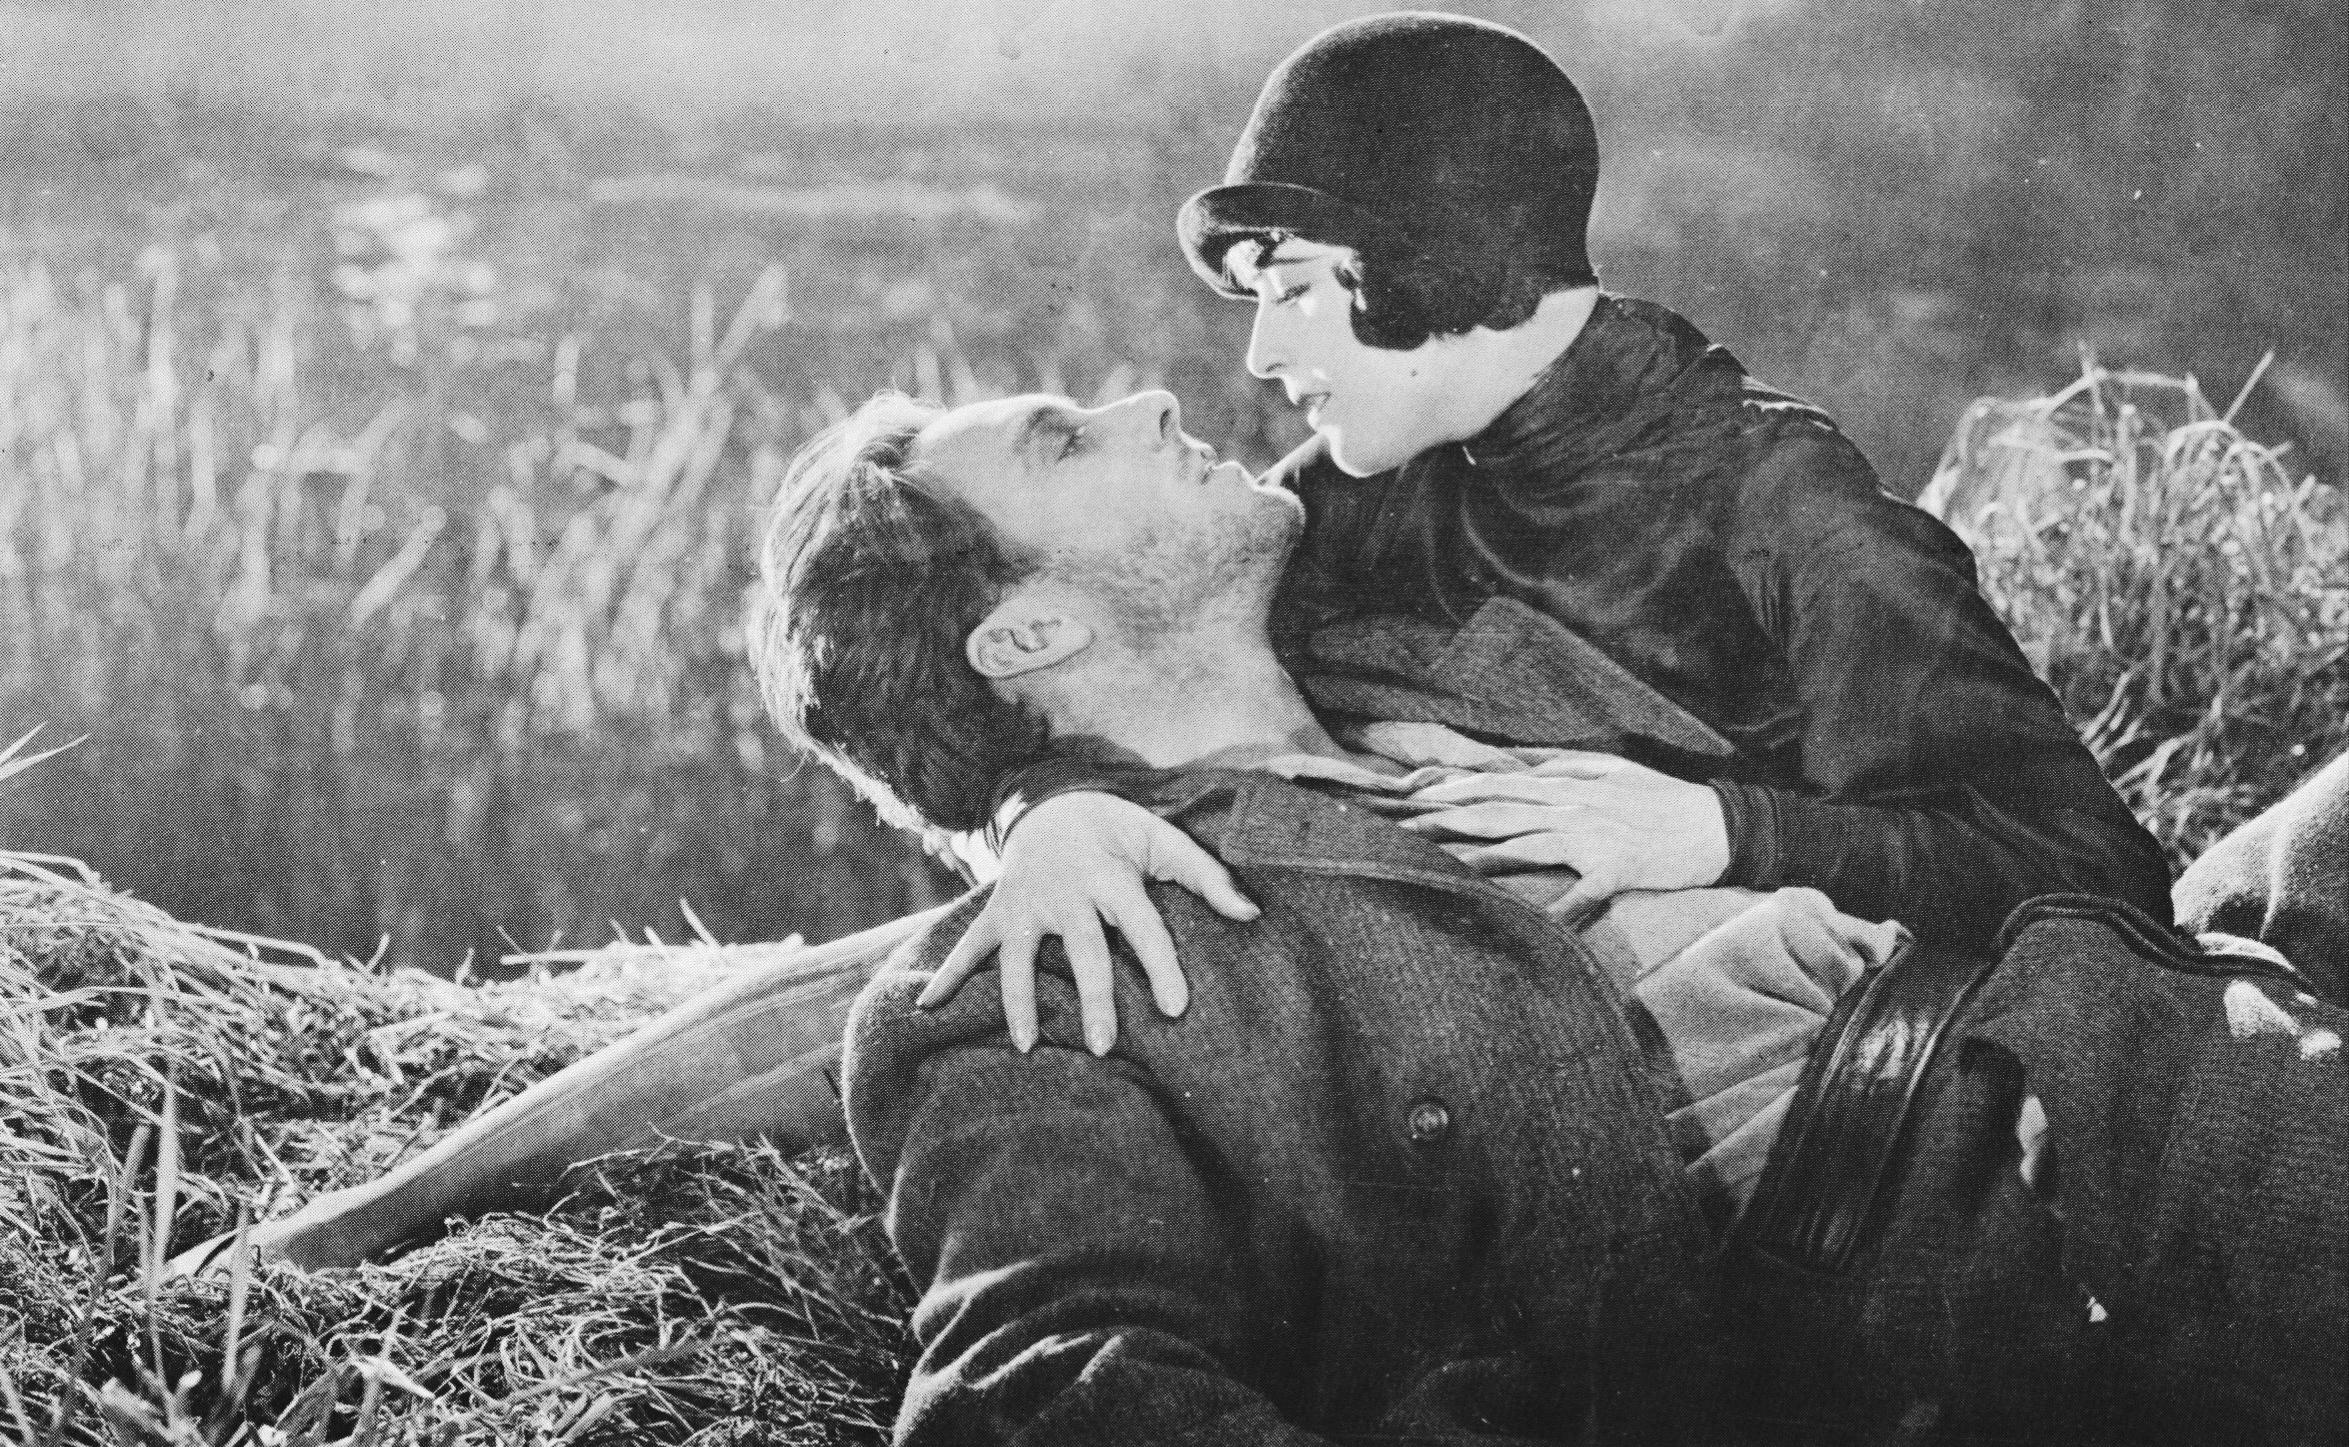 Sunrise (1927) & City Girl (1930)